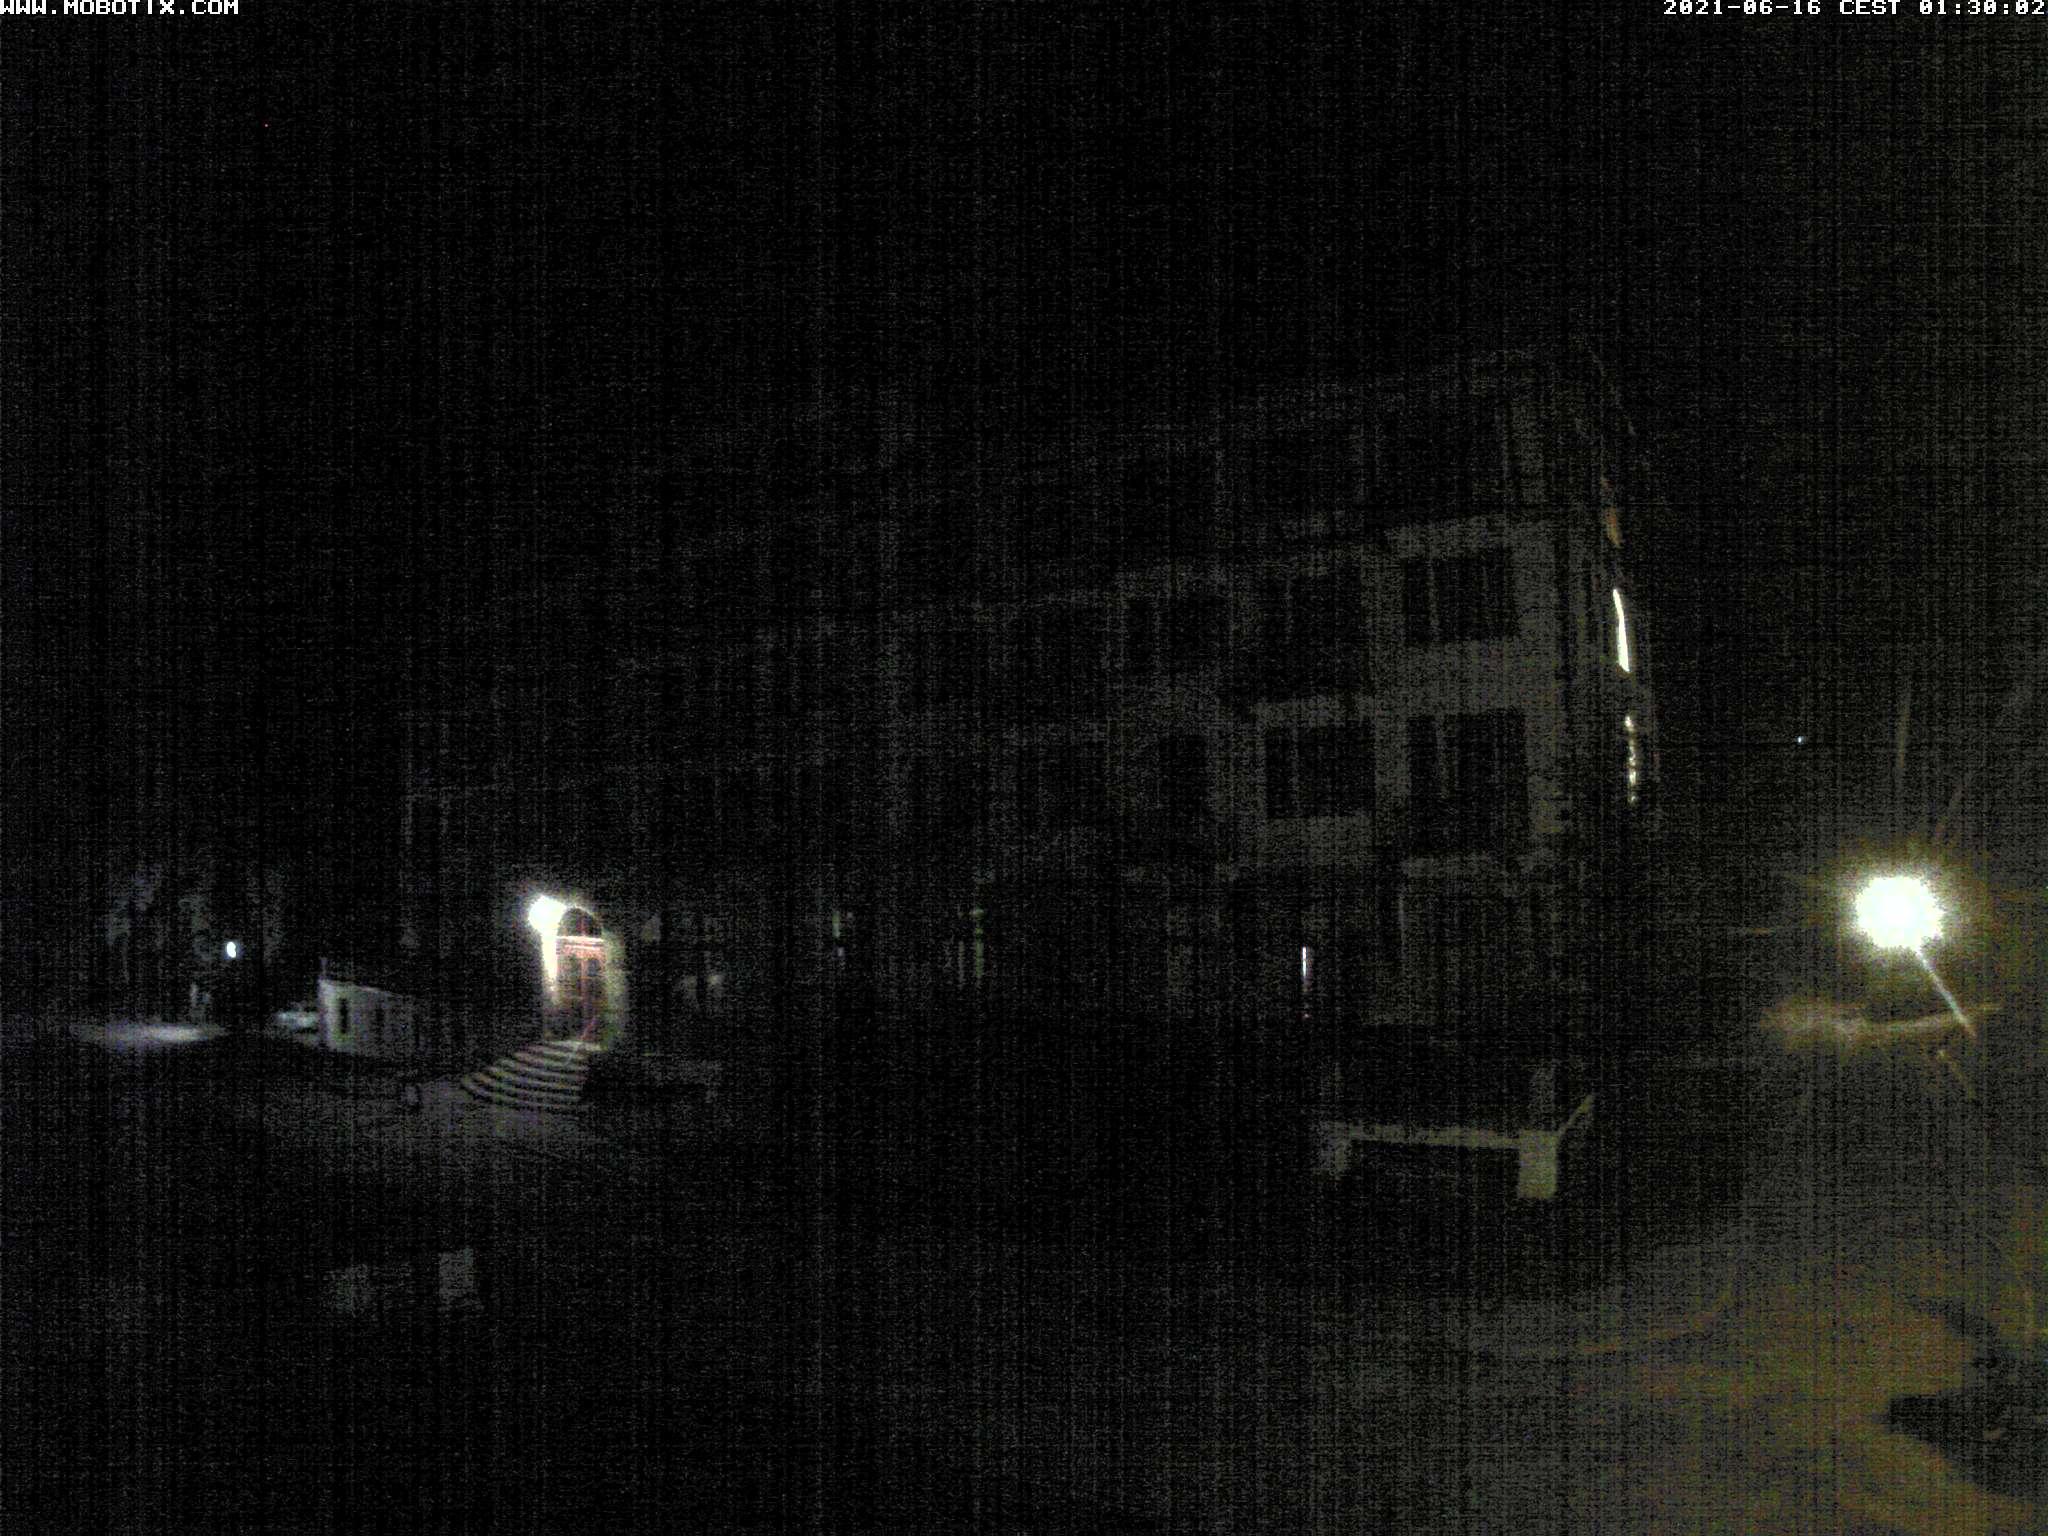 30h ago - 01:30